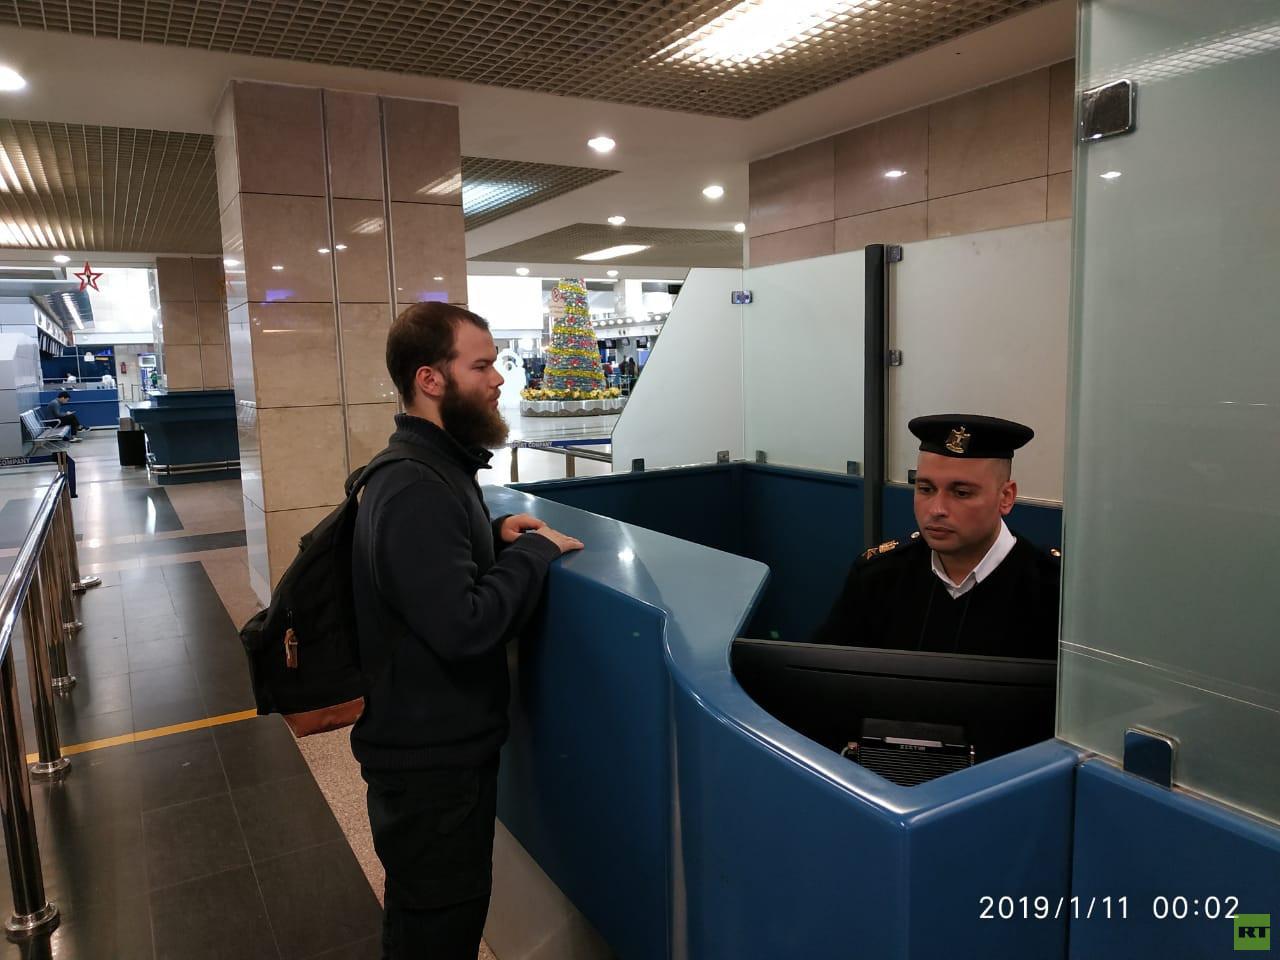 السلطات المصرية ترحل طالبا ألمانيا بشبهة محاولته الانضمام لـ